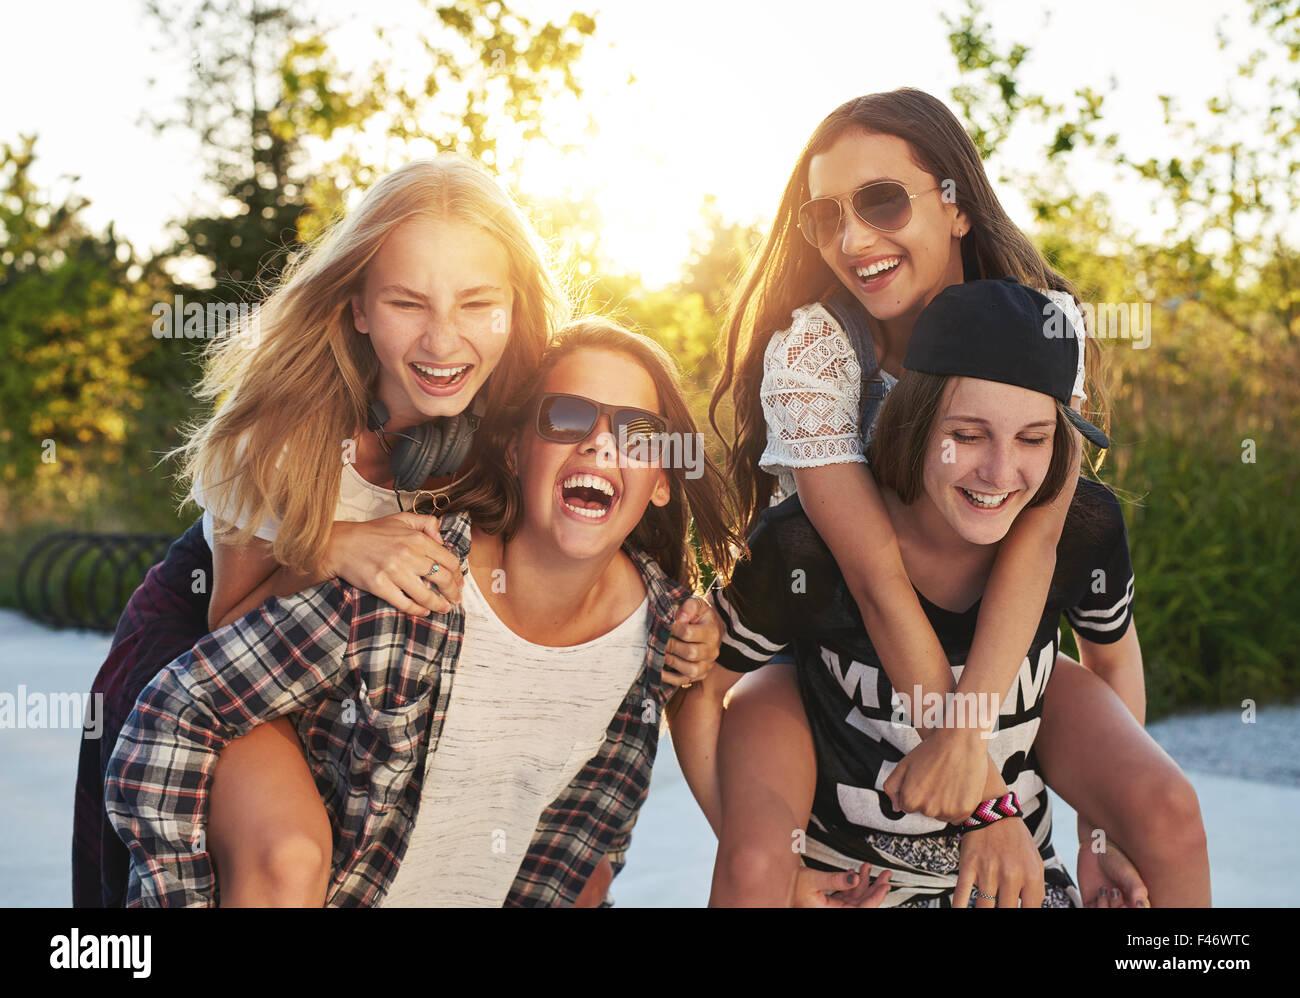 Sus amigos en un día de verano Imagen De Stock